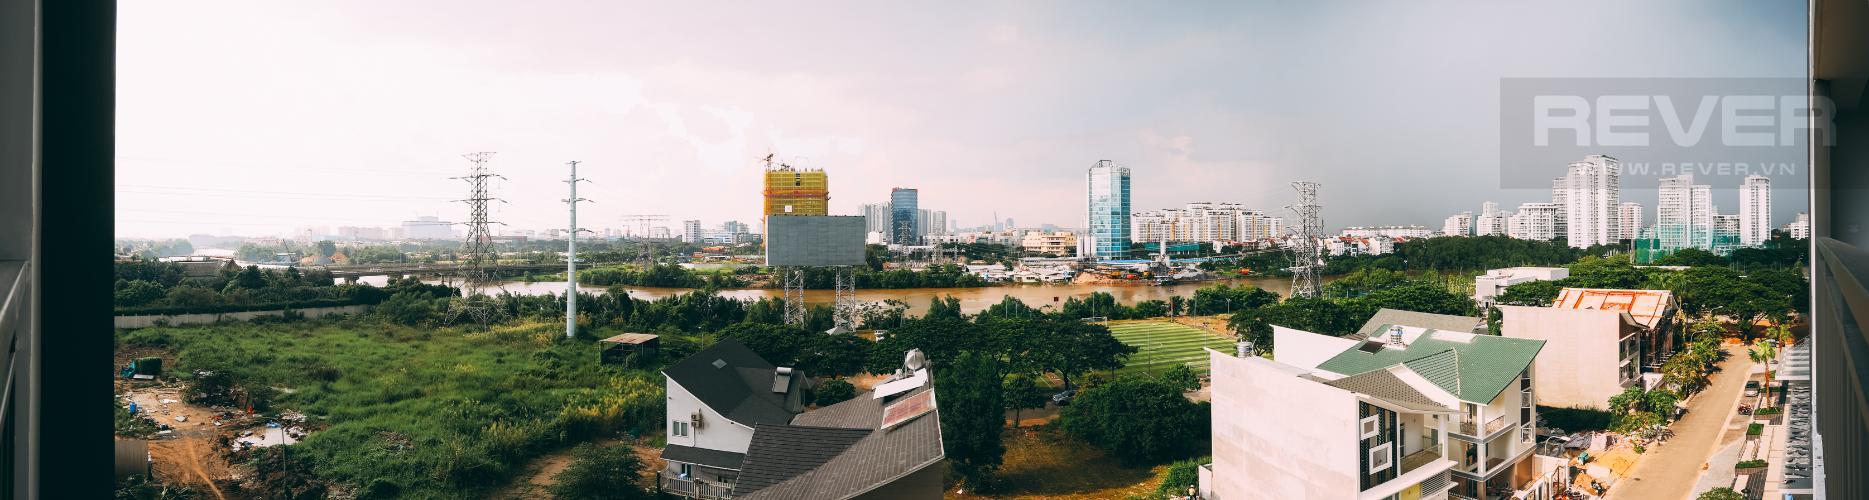 View Bán căn hộ Sunrise Riverside tầng thấp, 3PN, tiện ích đa dạng